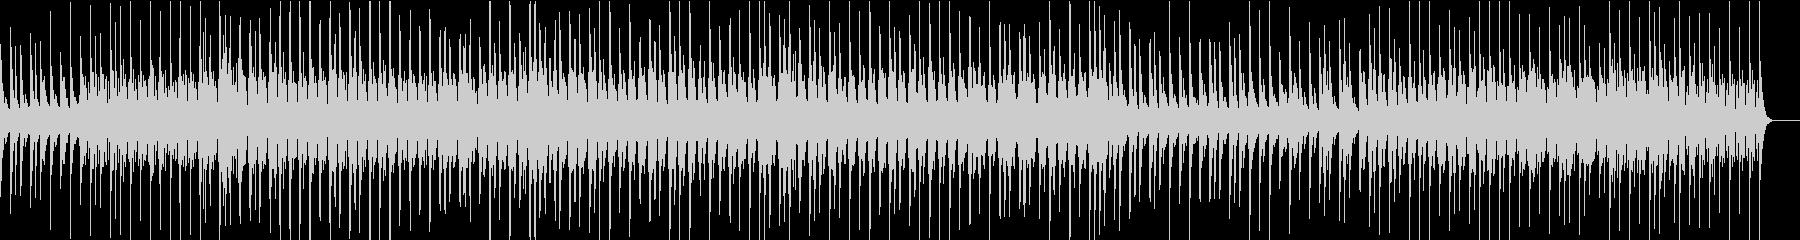 ラテン風リズムの軽やかなジャズの未再生の波形